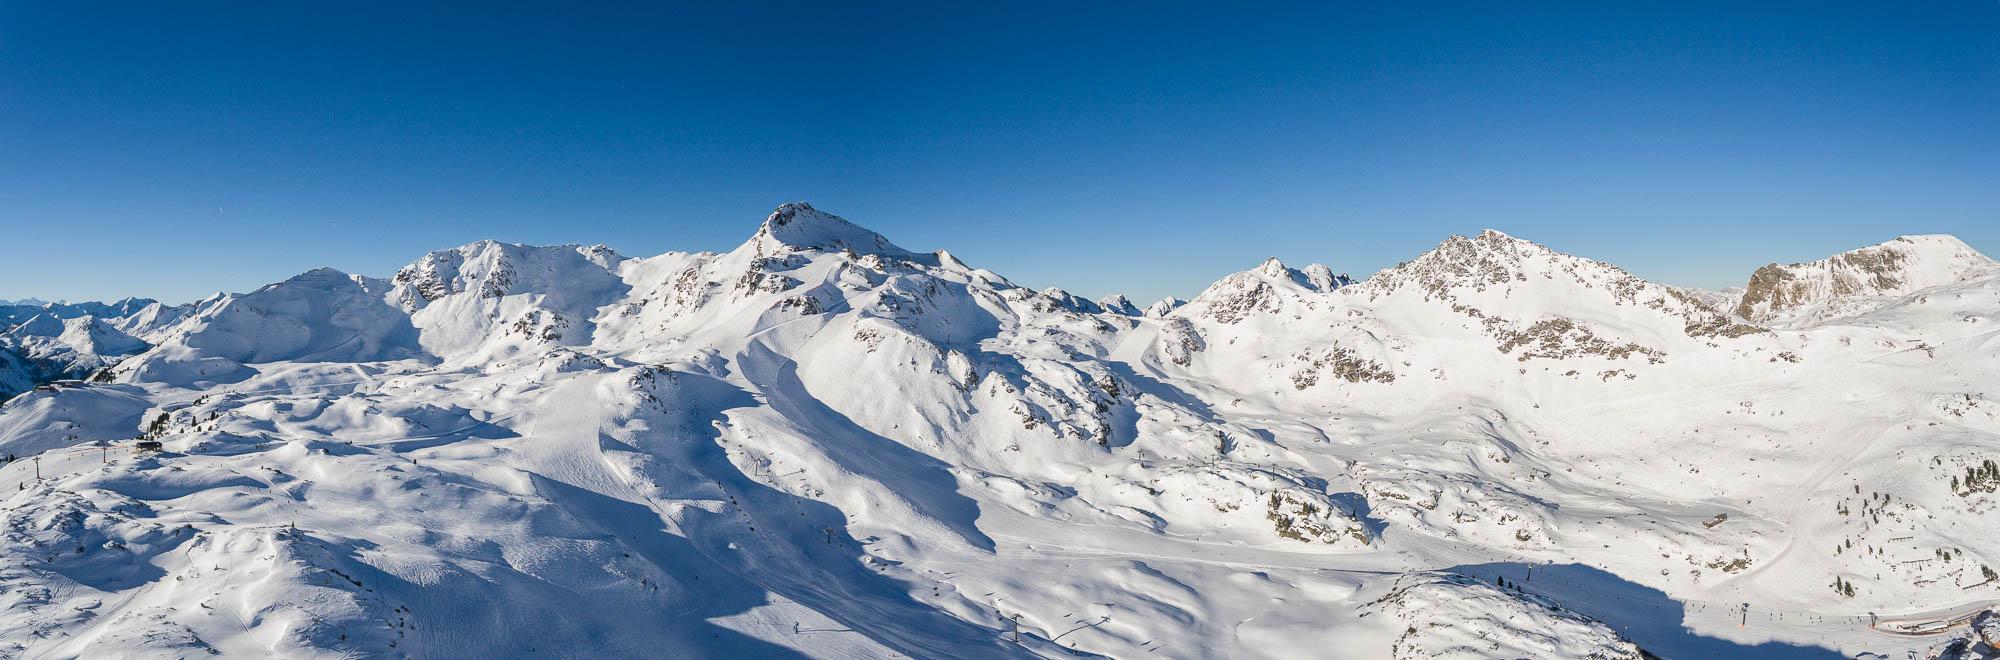 Obertauern Panorama - www.jusmedic.com